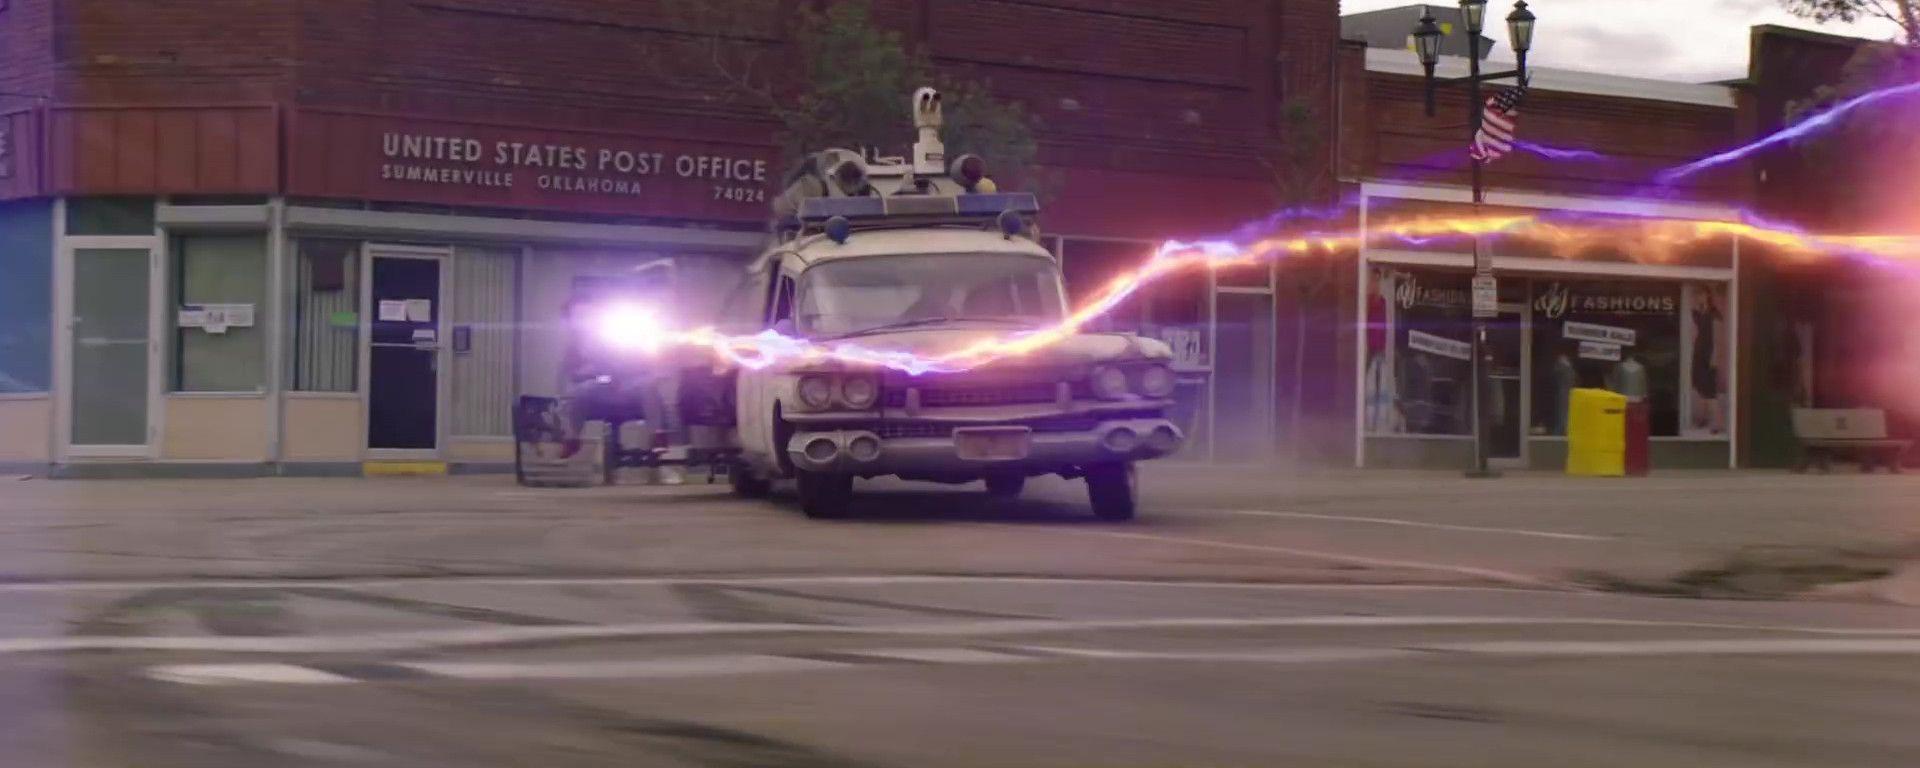 Una scena di Ghostbusters: Afterlife con la Ecto-1